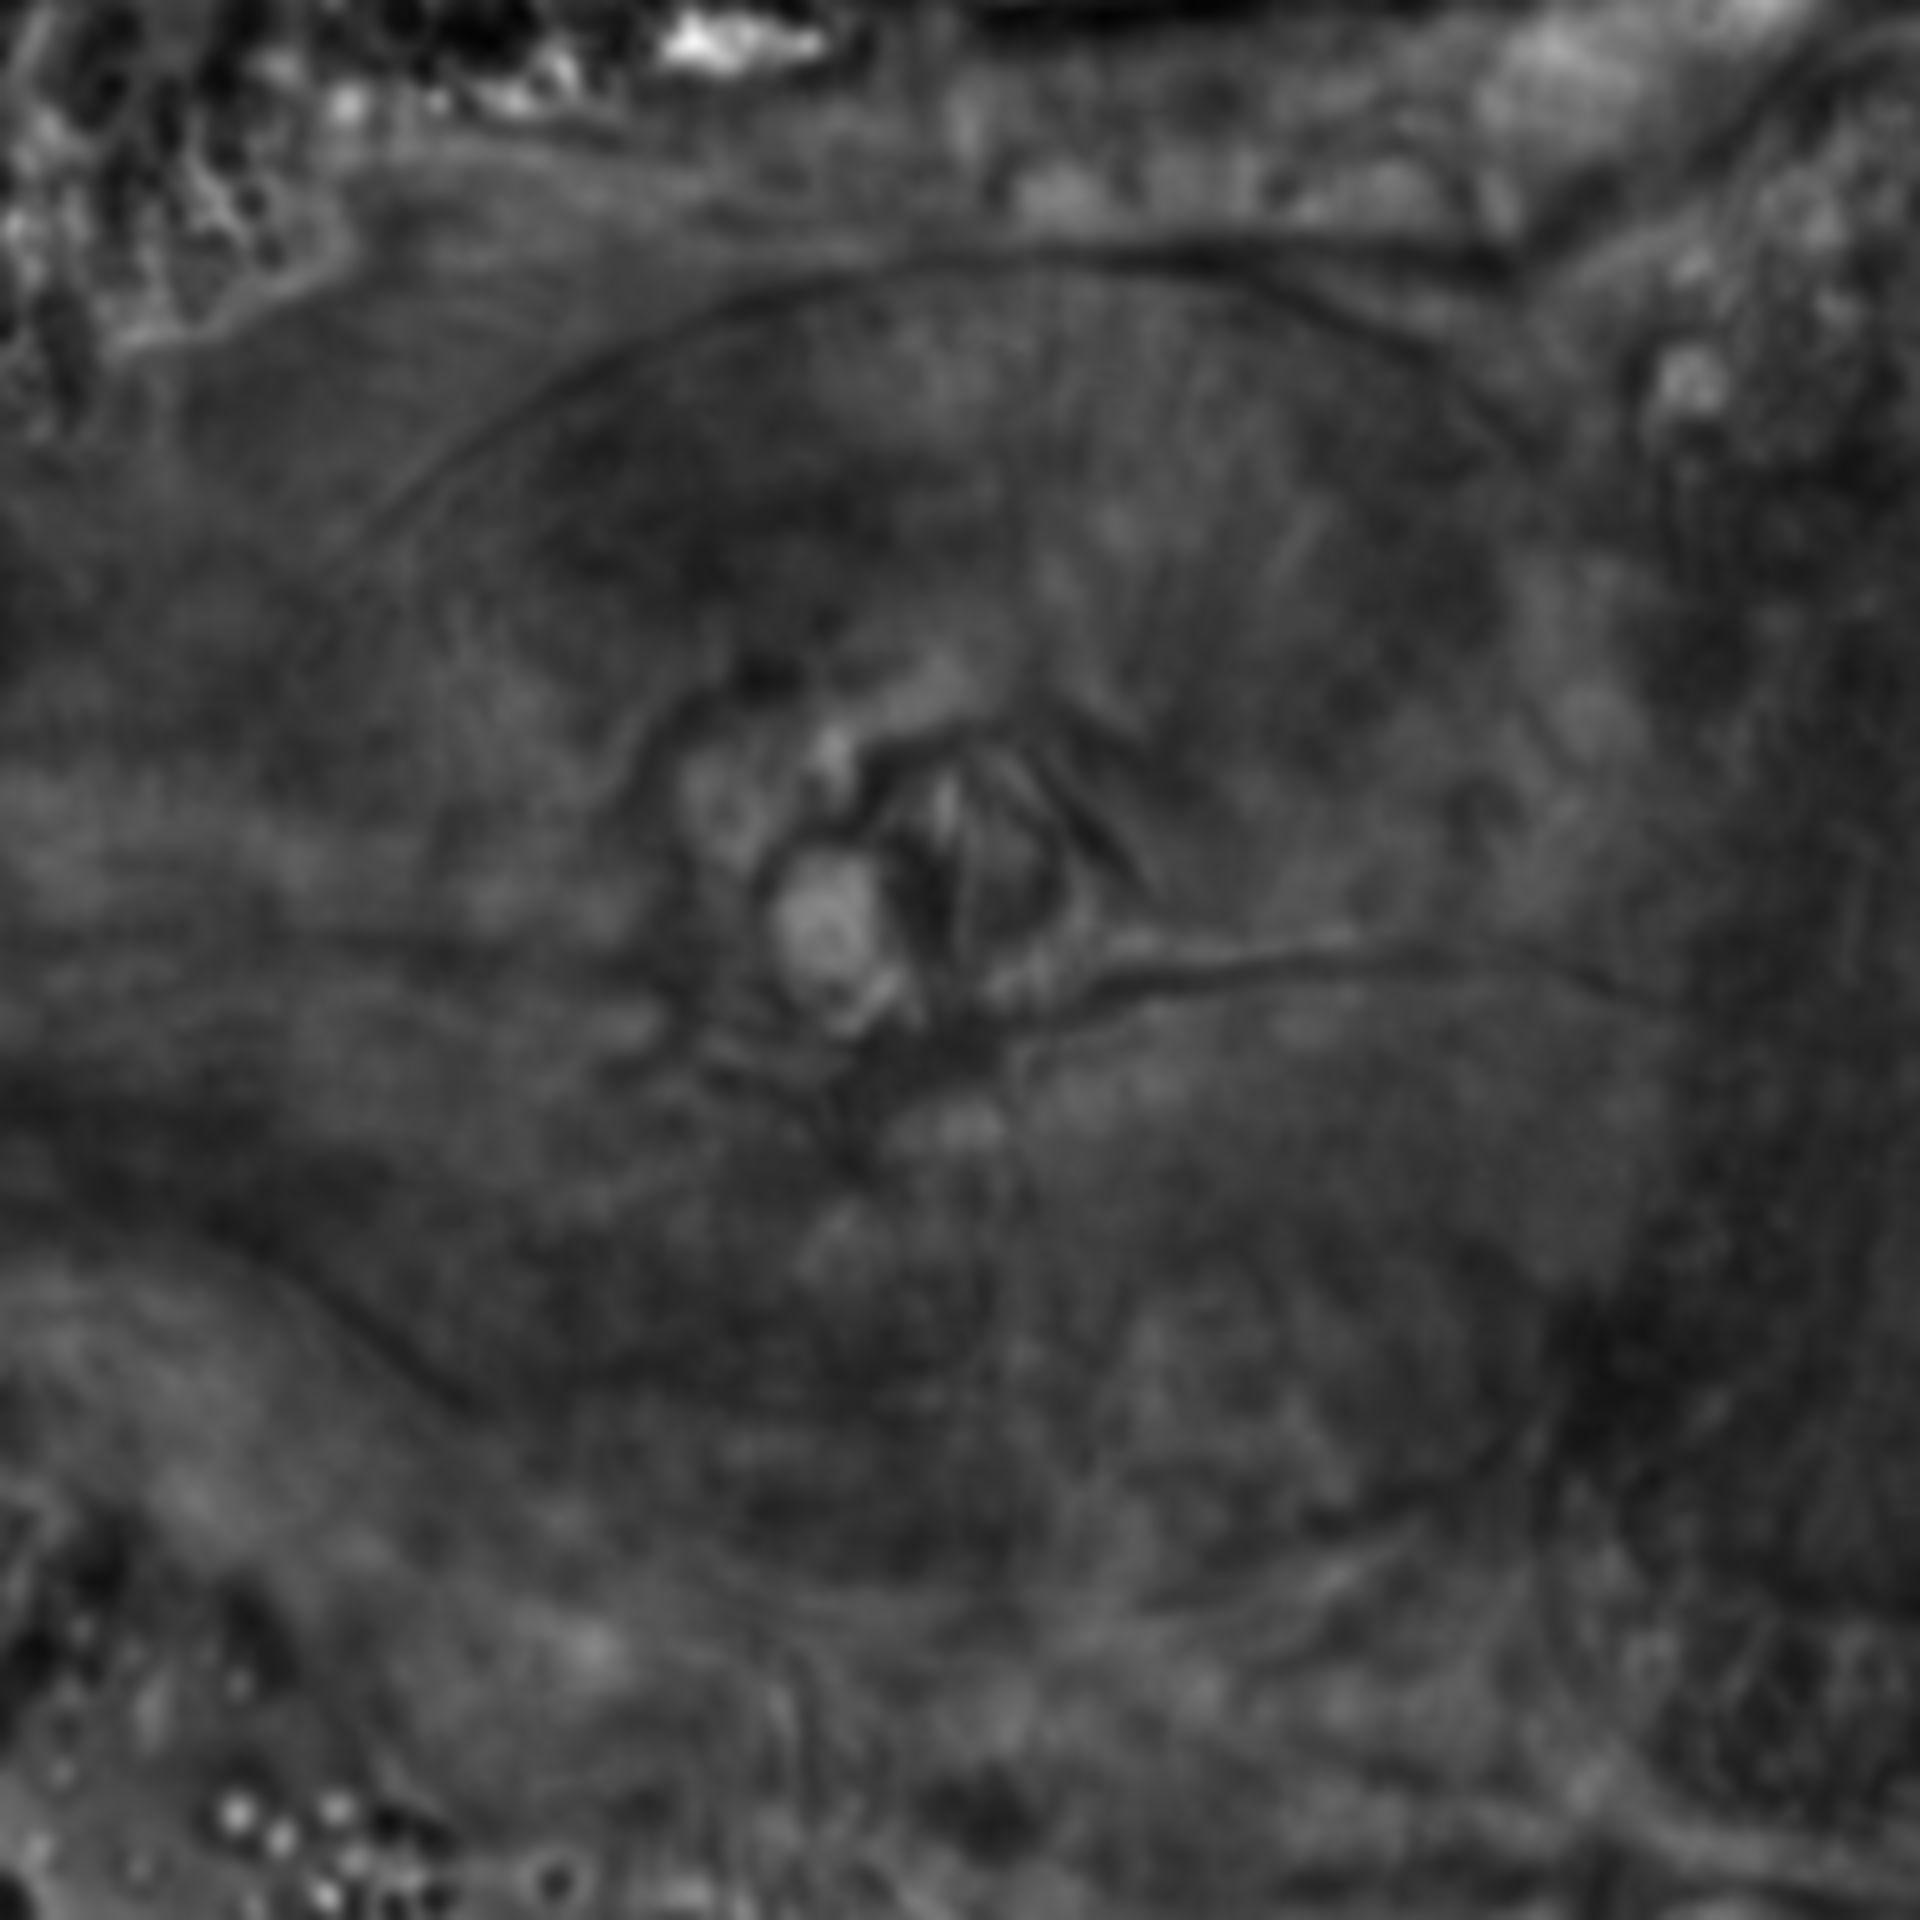 Caenorhabditis elegans - CIL:1906